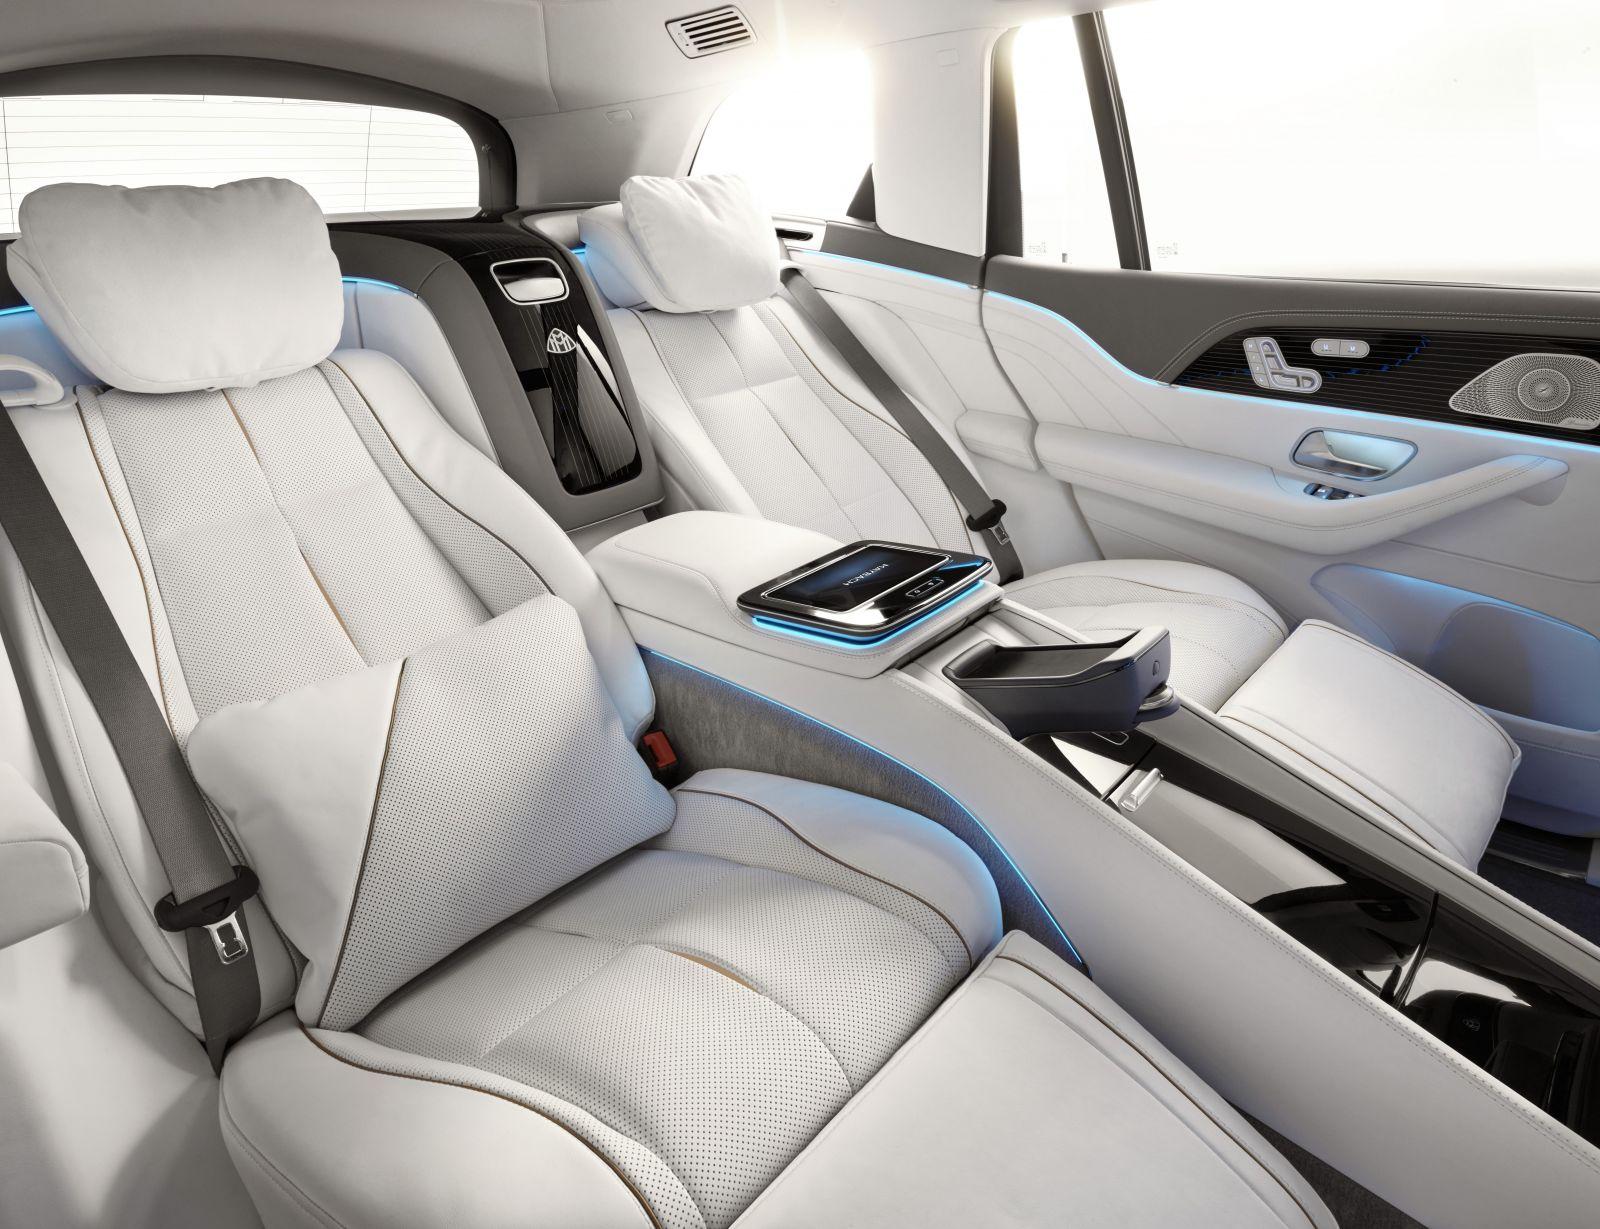 SUV ofenzíva Mercedesu vrcholí 634-koňovým AMG a ultra-luxusným Maybachom